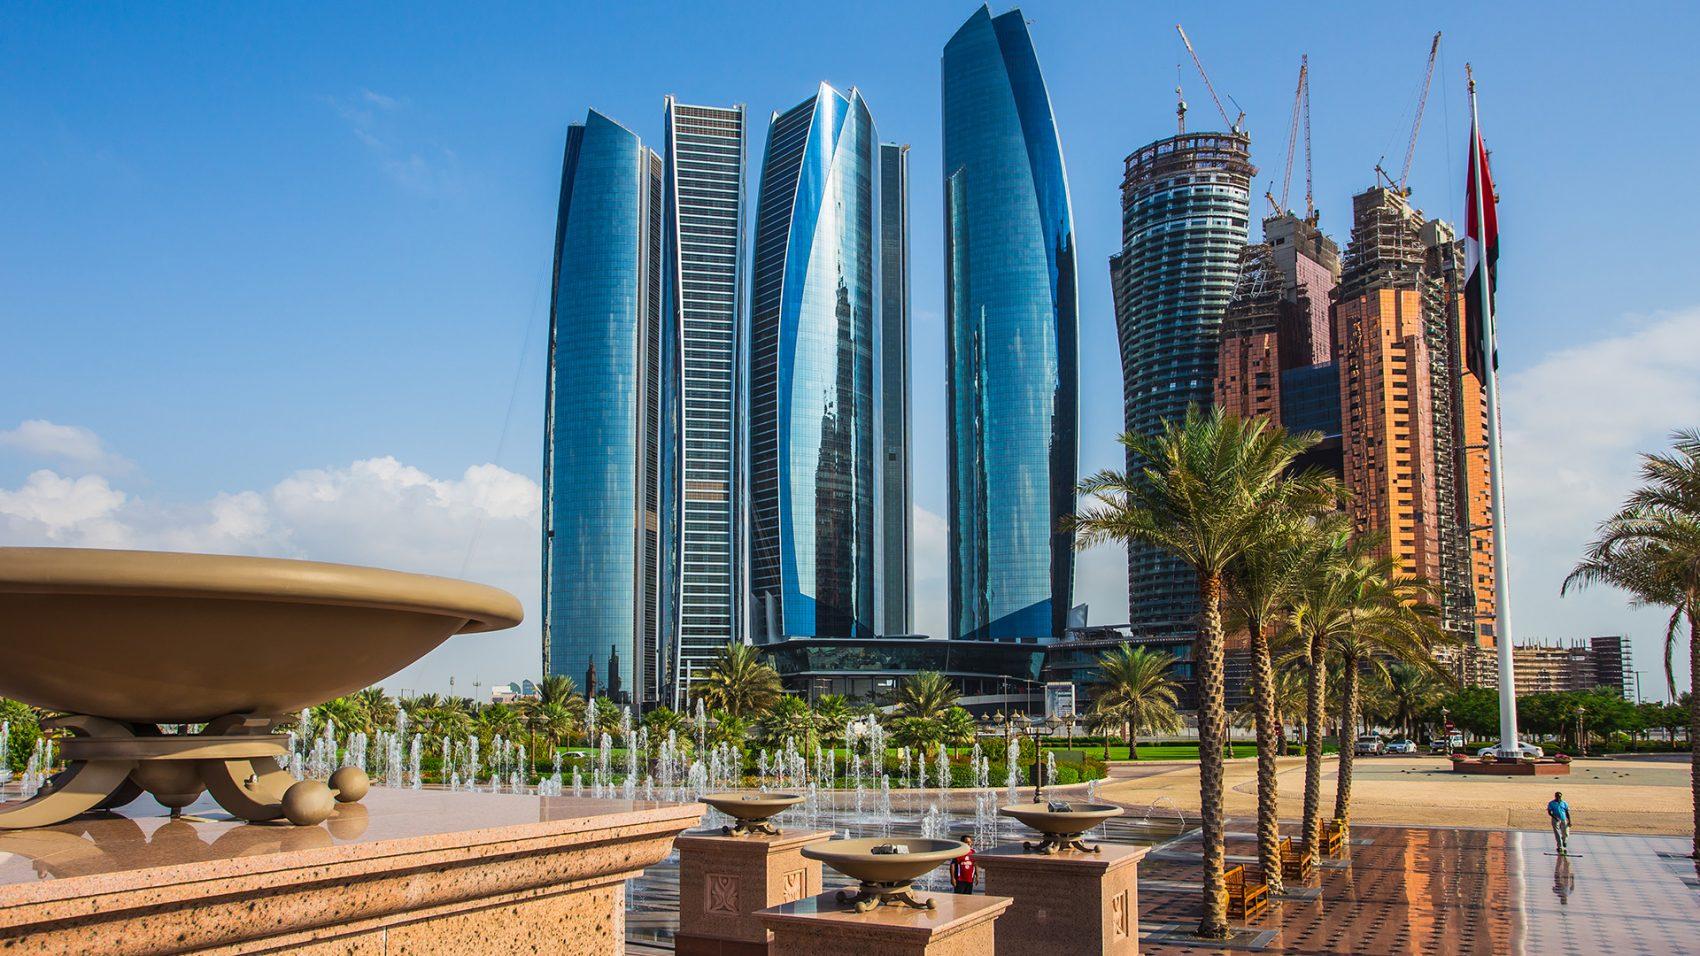 agência de notícias dos Emirados - Abu Dhabi foi classificada como a cidade  mais habitável da região pelo Índice Global de Viver